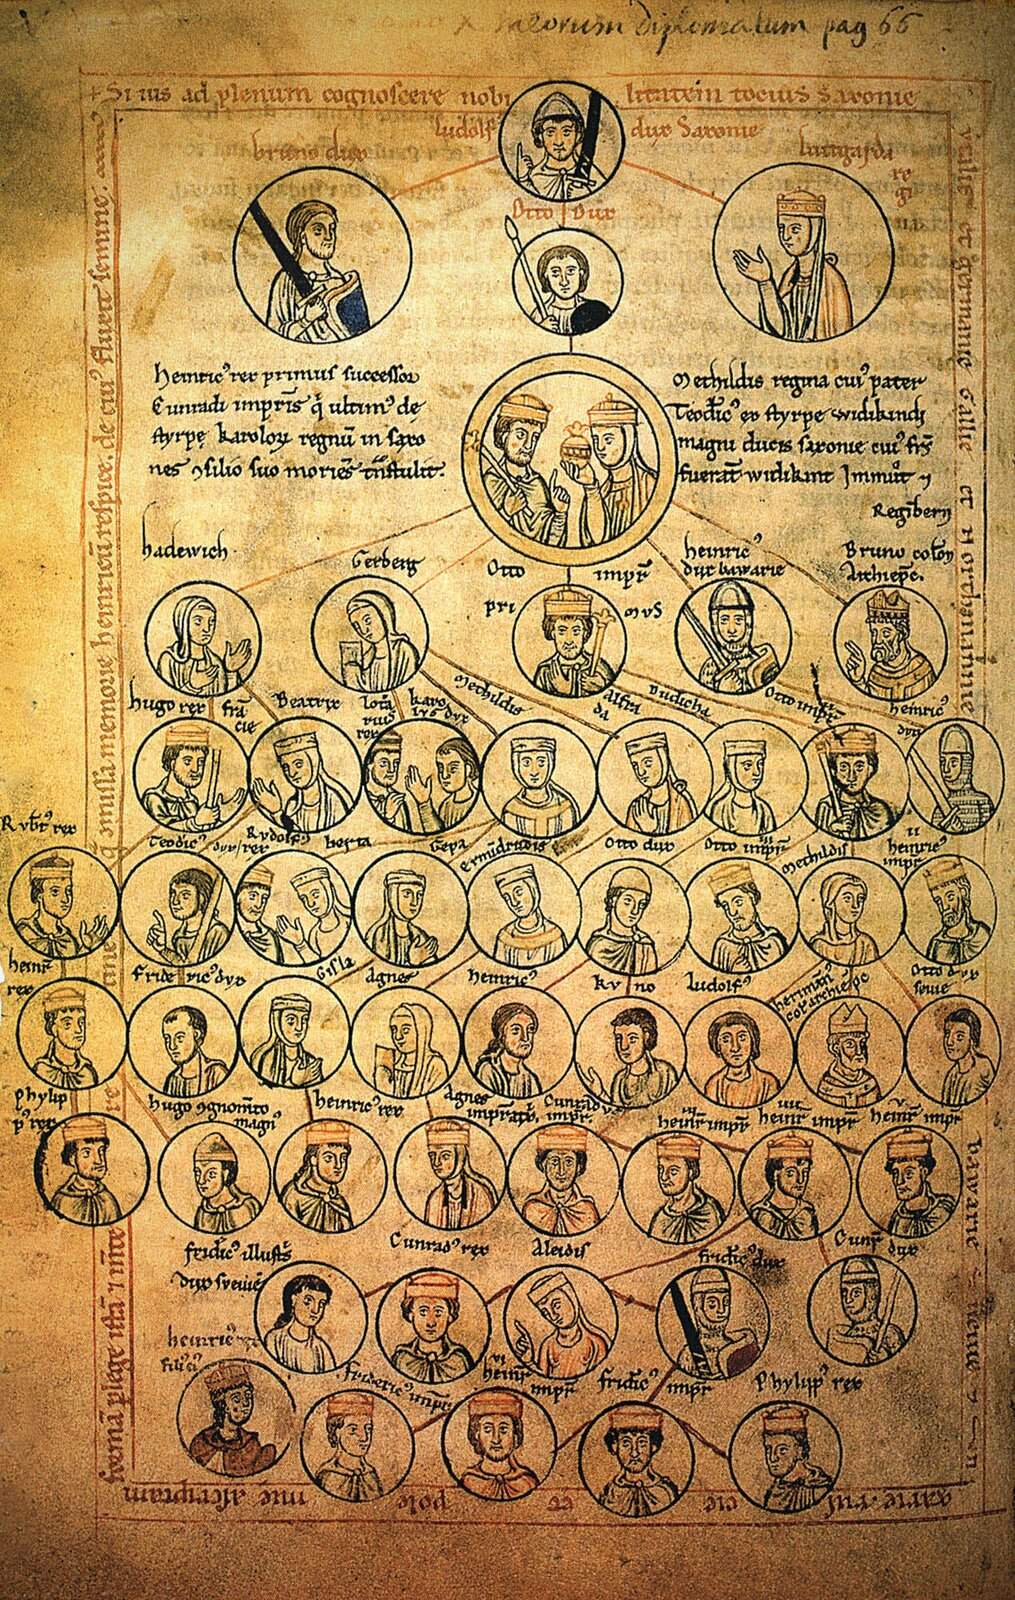 Drzewo genealogiczne cesarzy rzymskich, XII wiek Źródło: Drzewo genealogiczne cesarzy rzymskich, XII wiek.